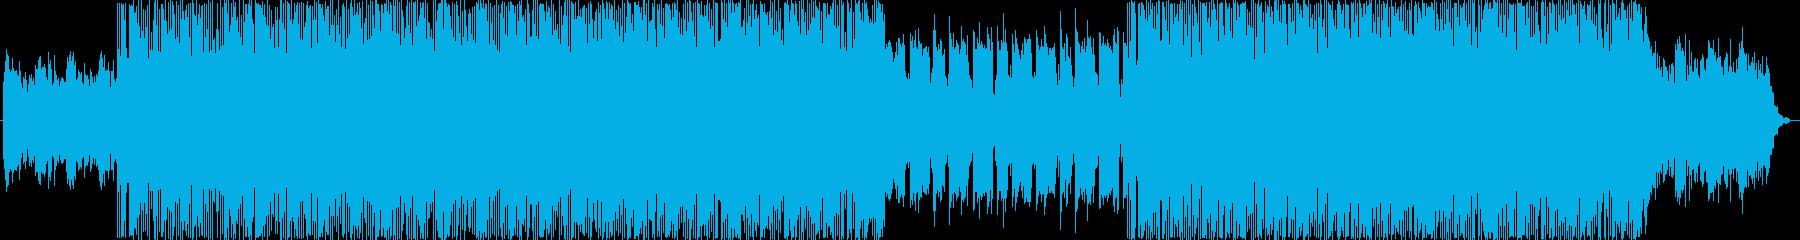 疾走感のあるドラムンベースBGMの再生済みの波形